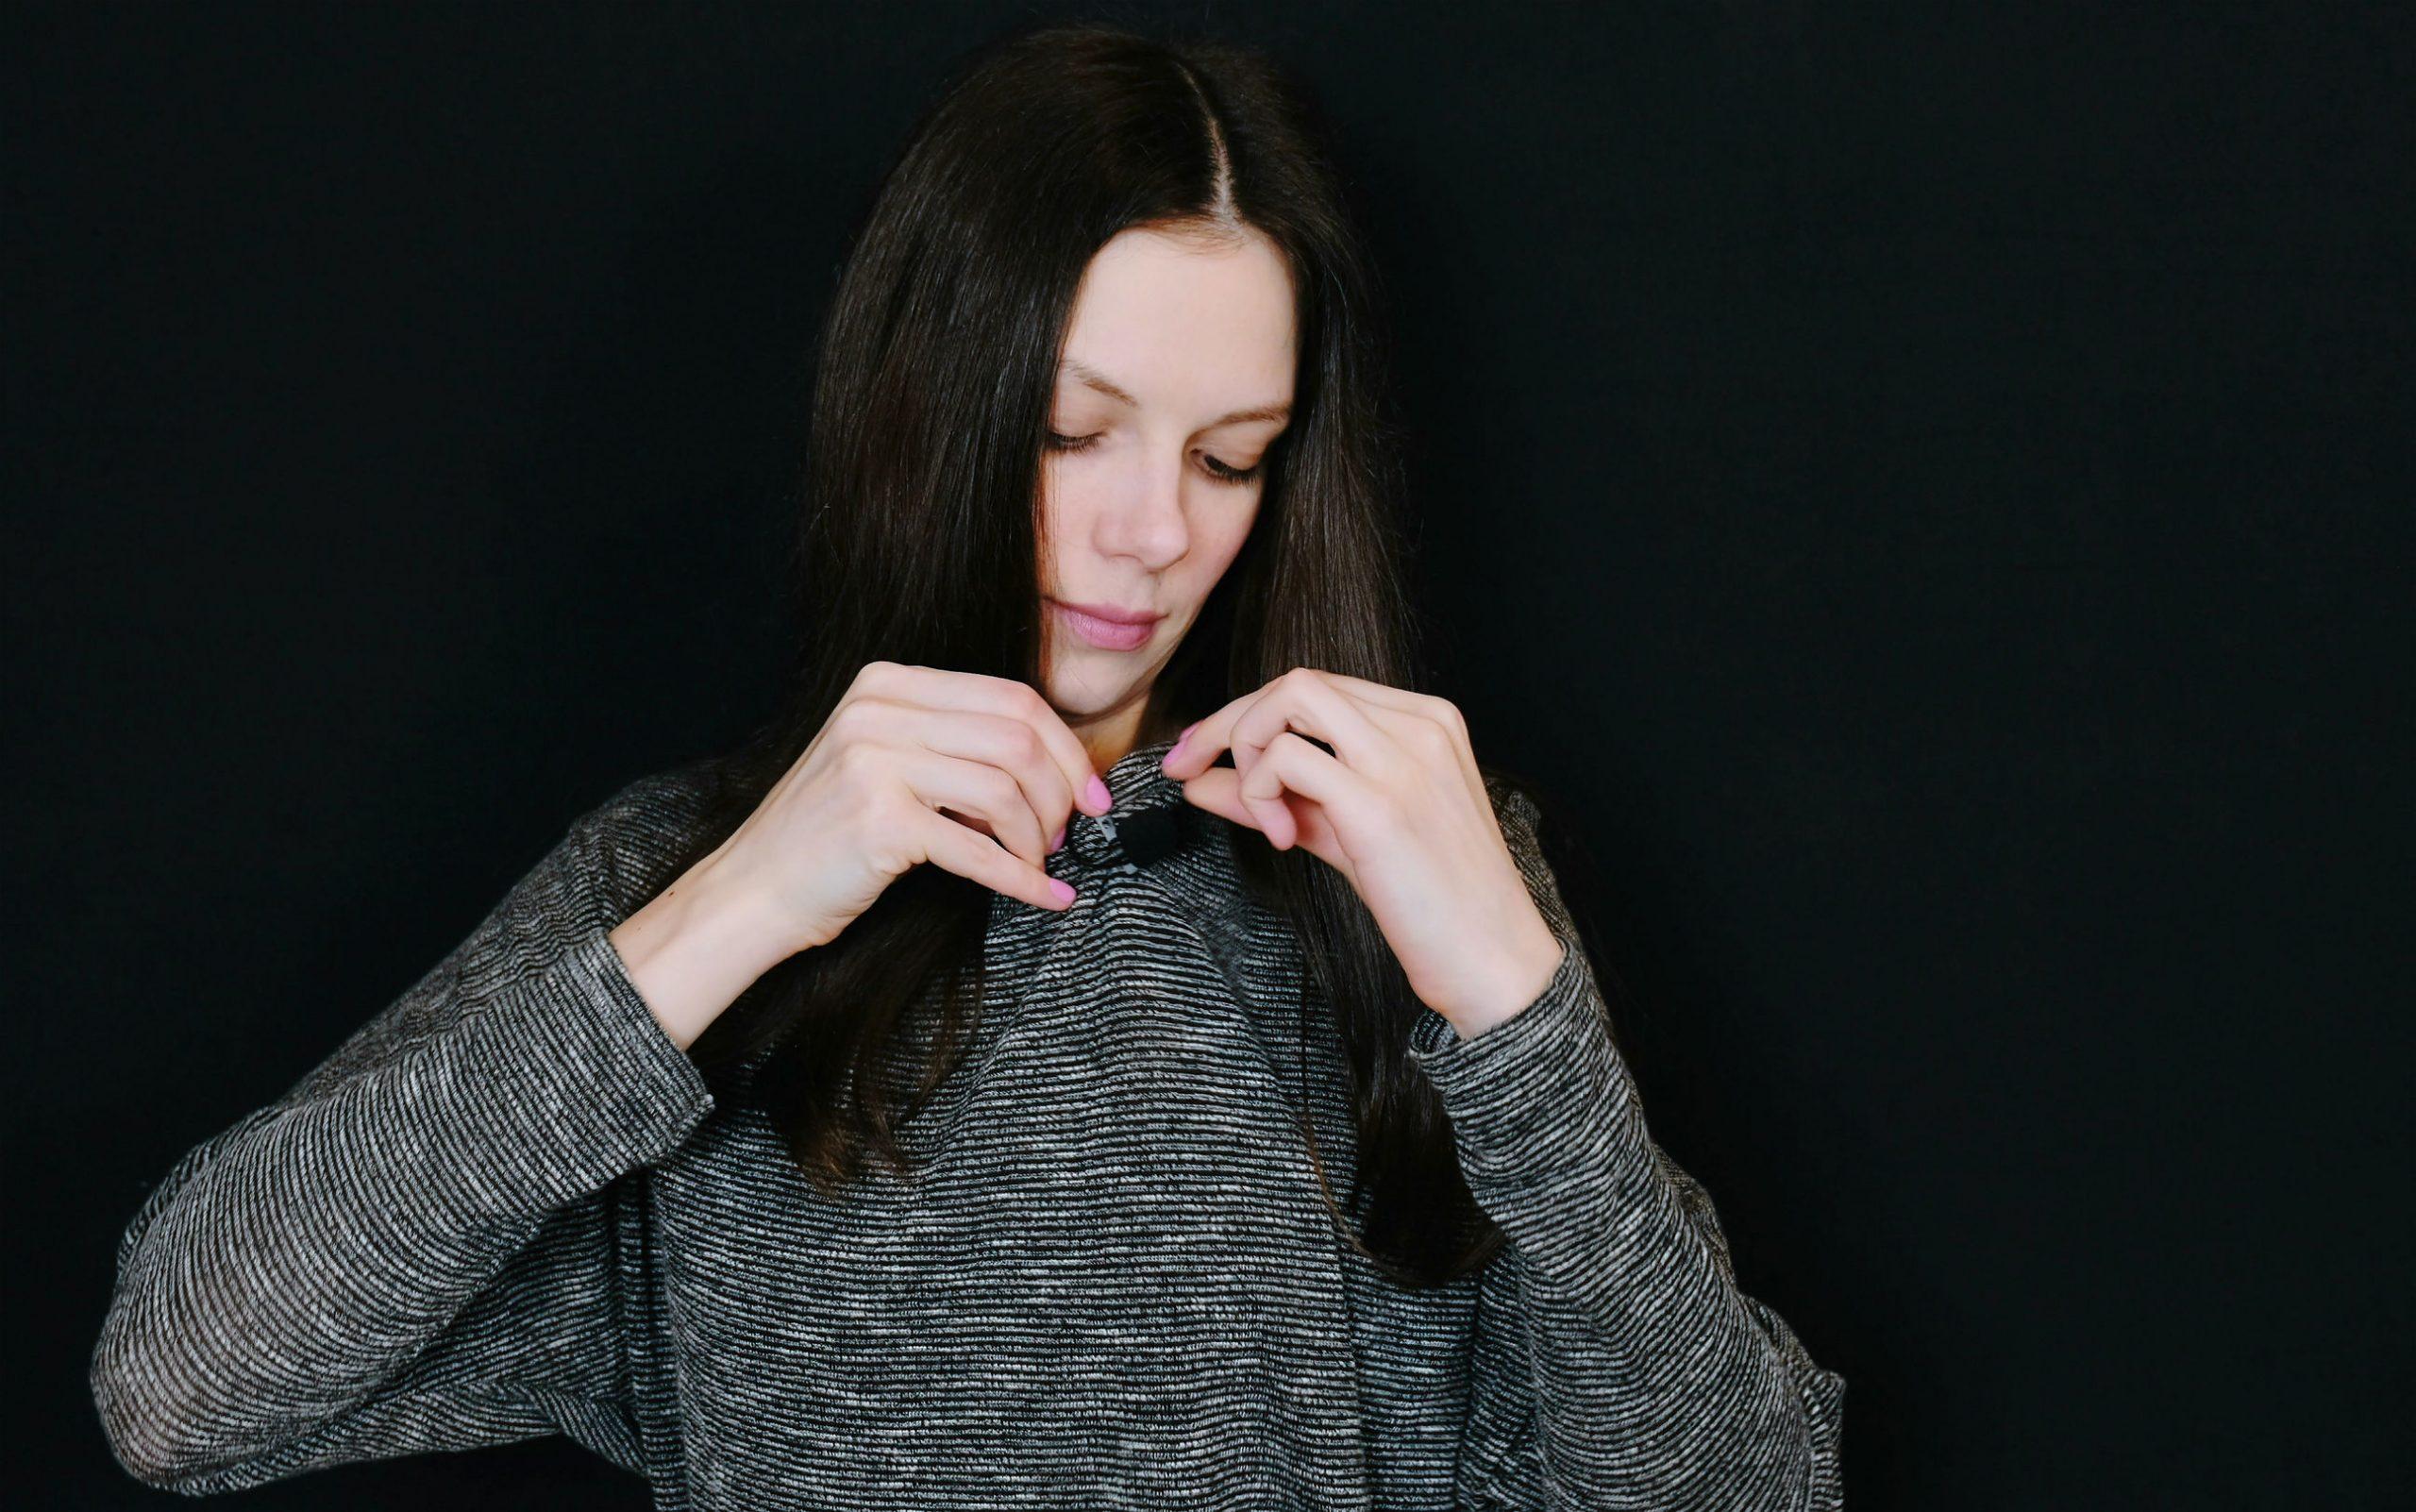 Imagem mostra uma mulher prendendo um lapela na roupa.